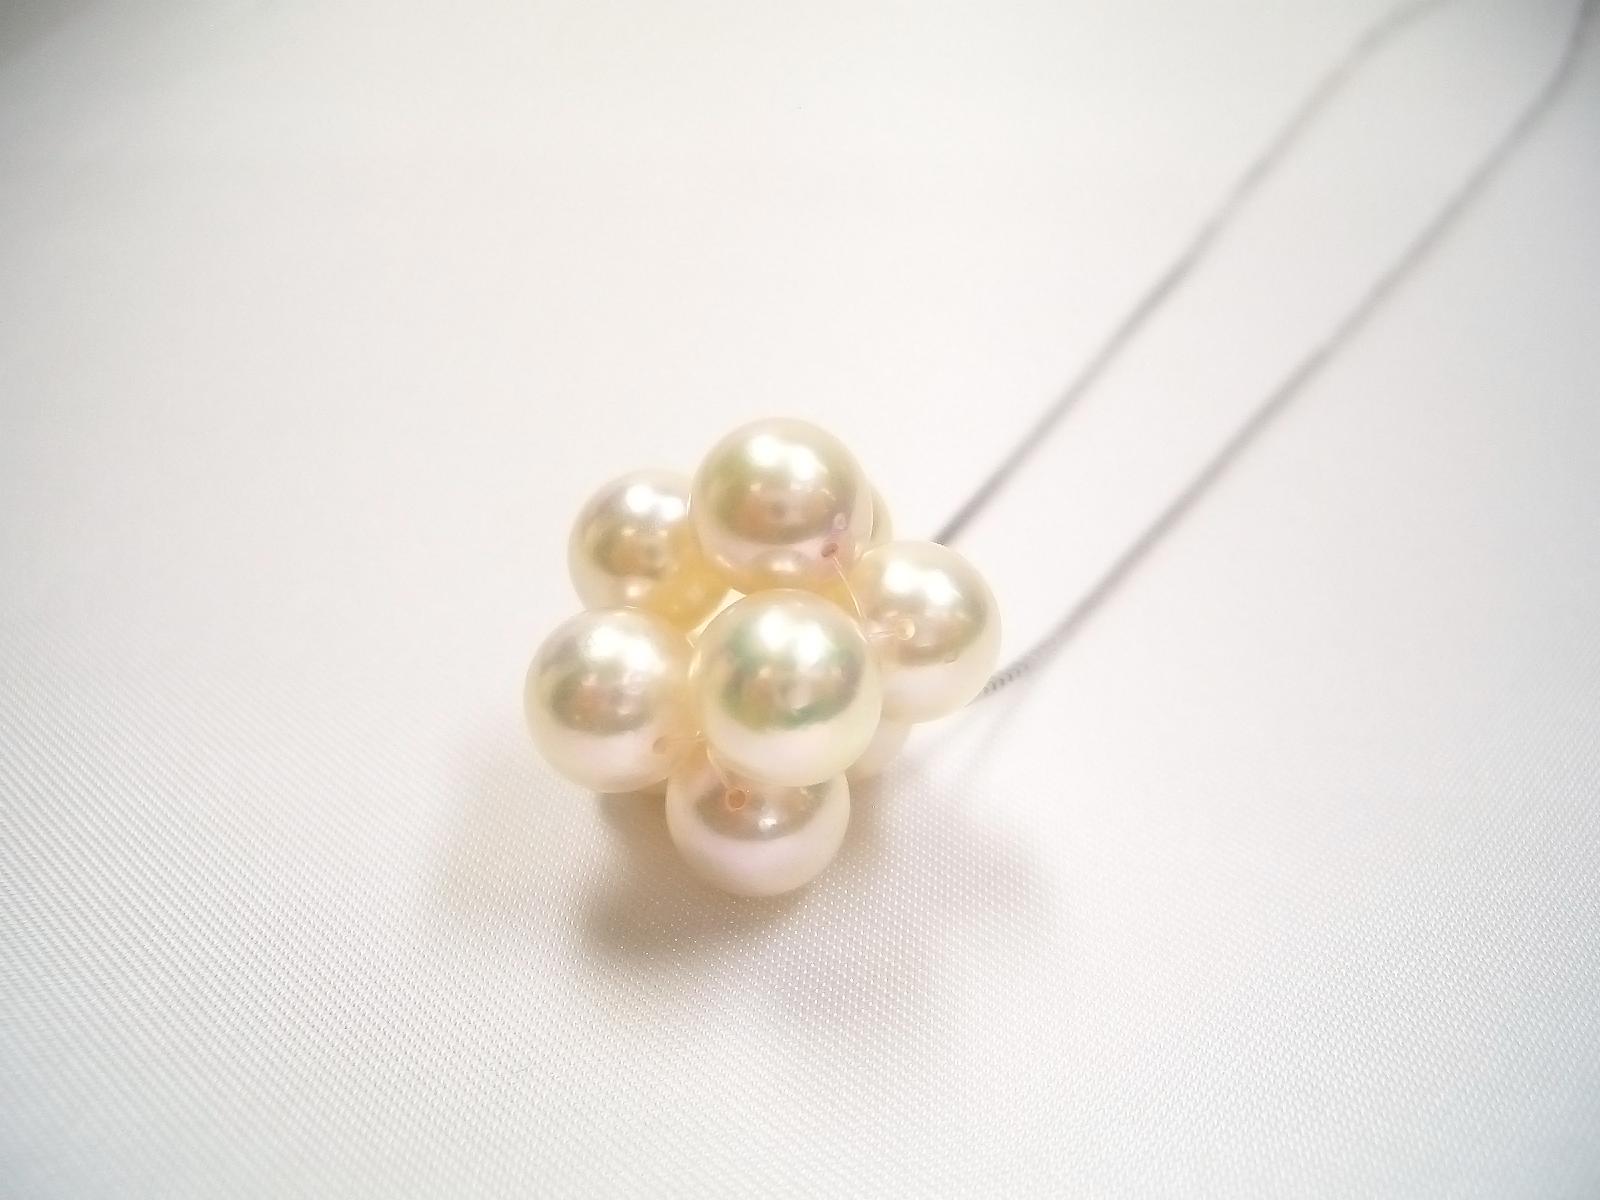 真珠ペンダントネックレス 7.5mm シルバー 41cm ピンクホワイト   ギフト プレゼント